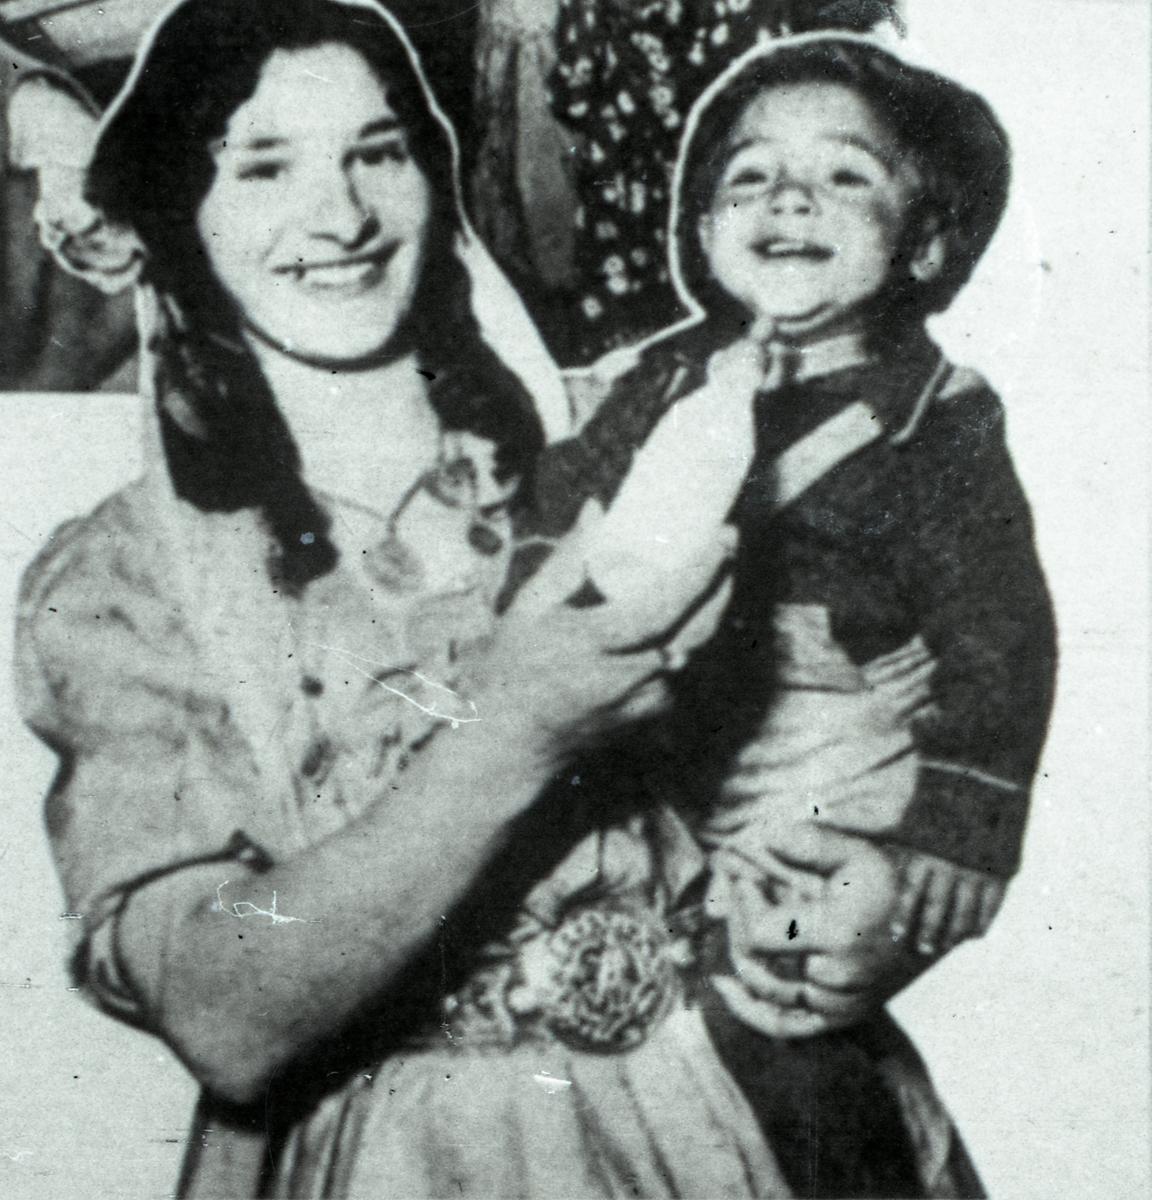 En kvinna står med ett barn i famnen. I handen håller hon en nappflaska. Bildens ursprung är okänt, men troligen är den ett avfotograferat tidningsklipp.